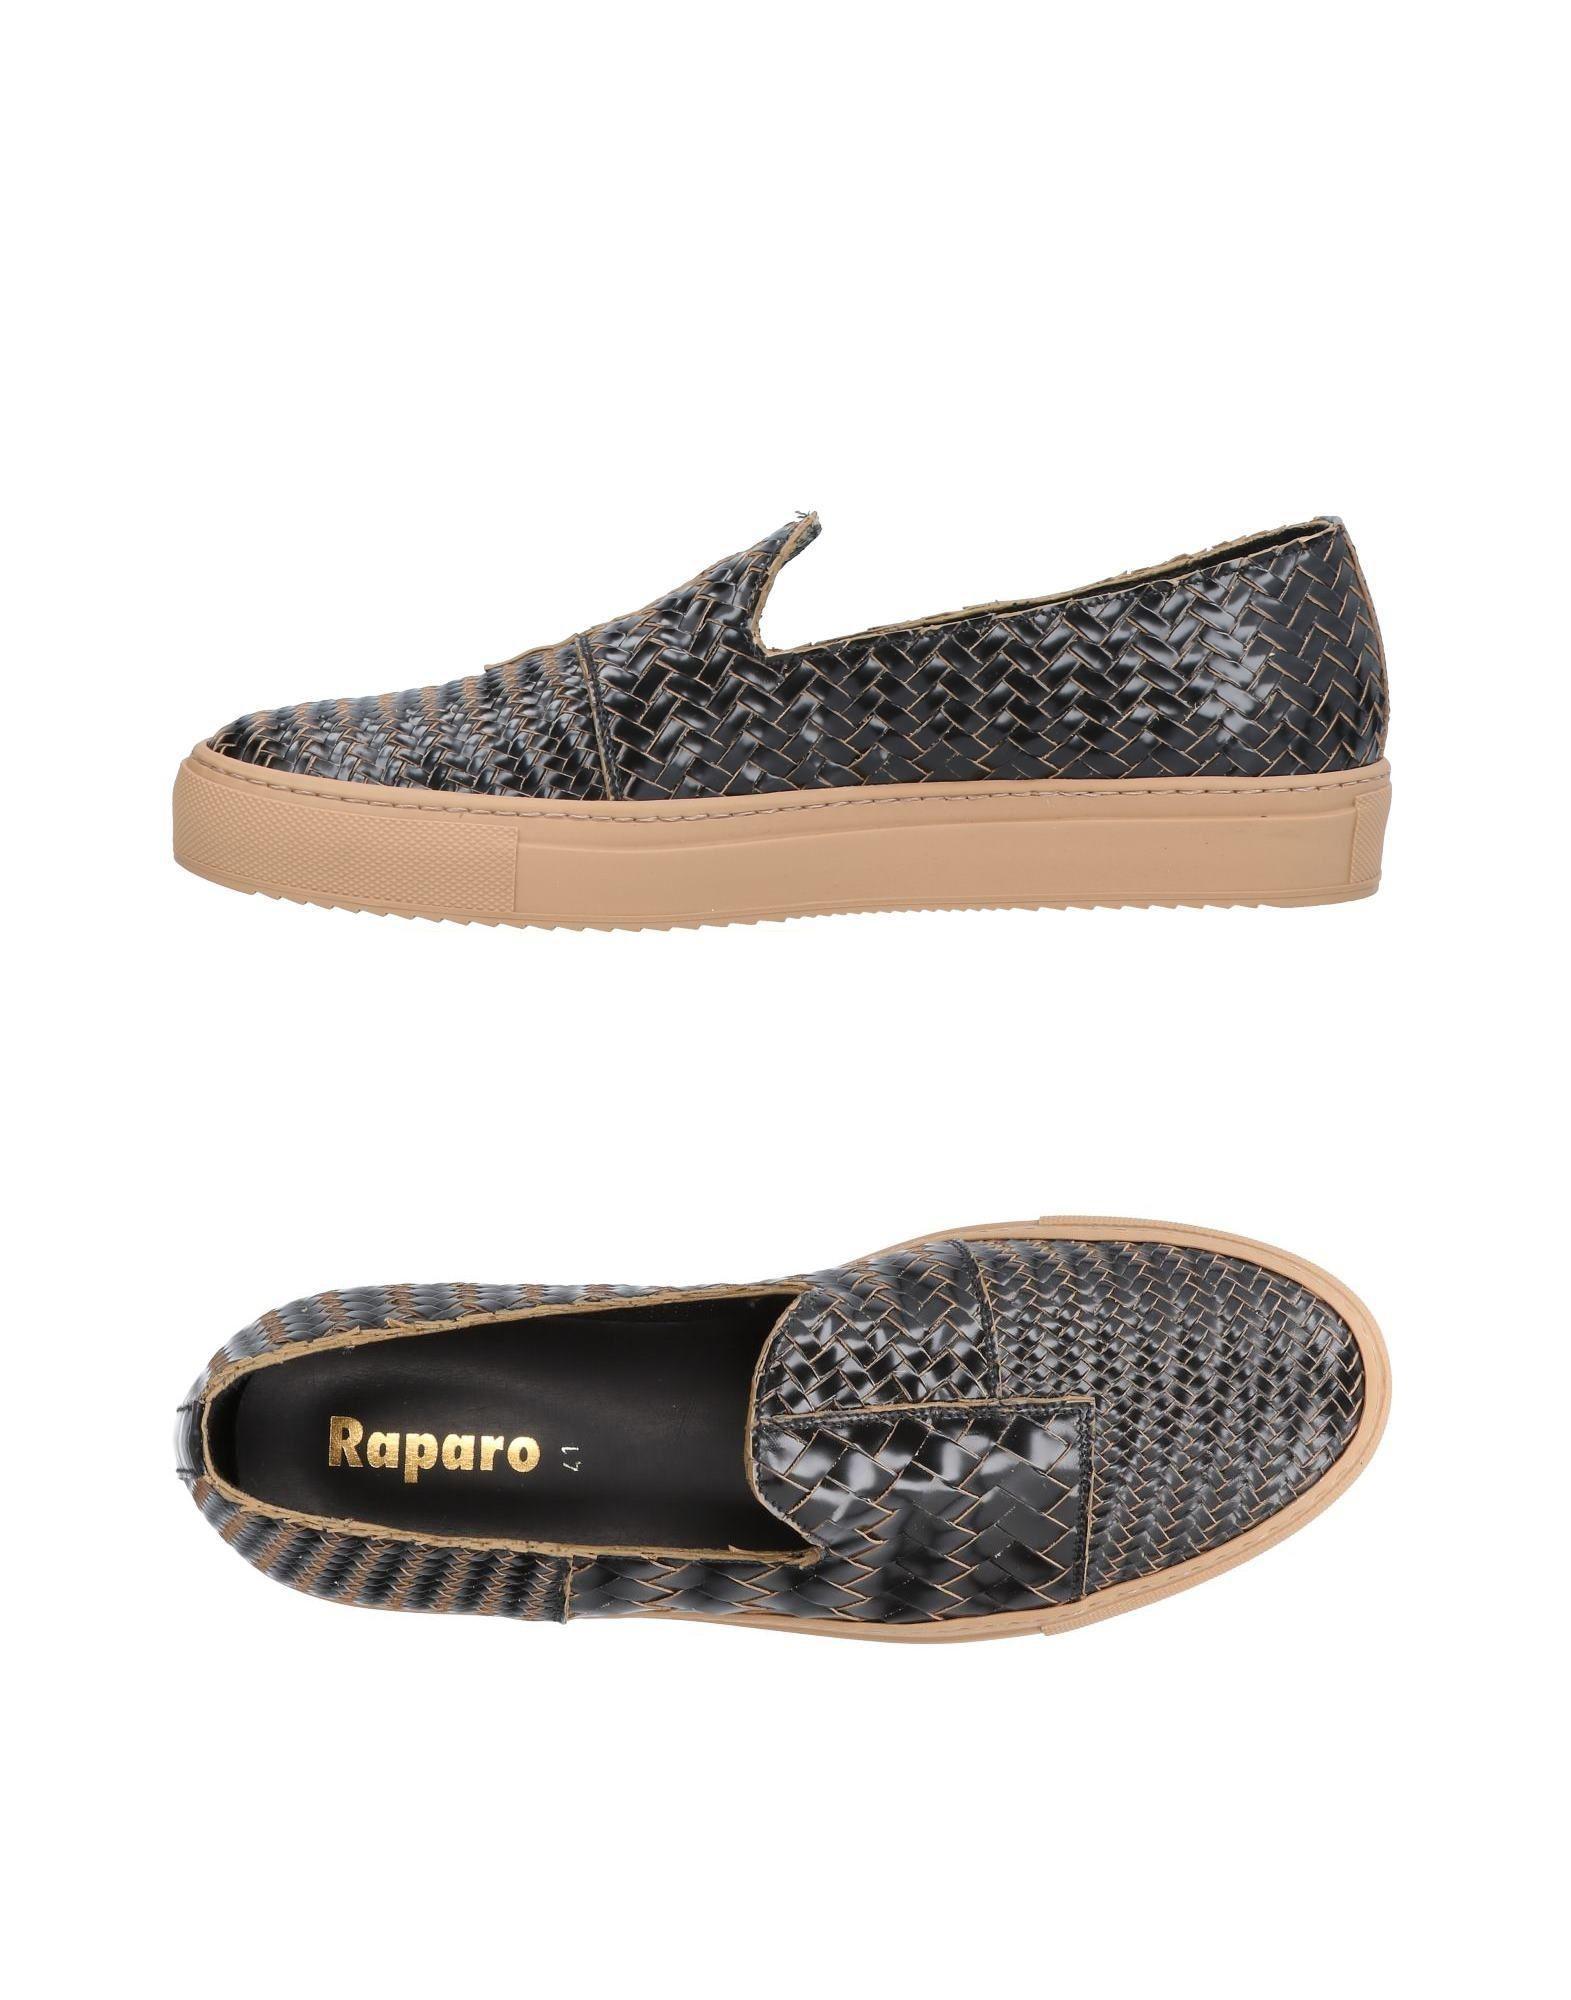 FOOTWEAR - Low-tops & sneakers Raparo aGaQn